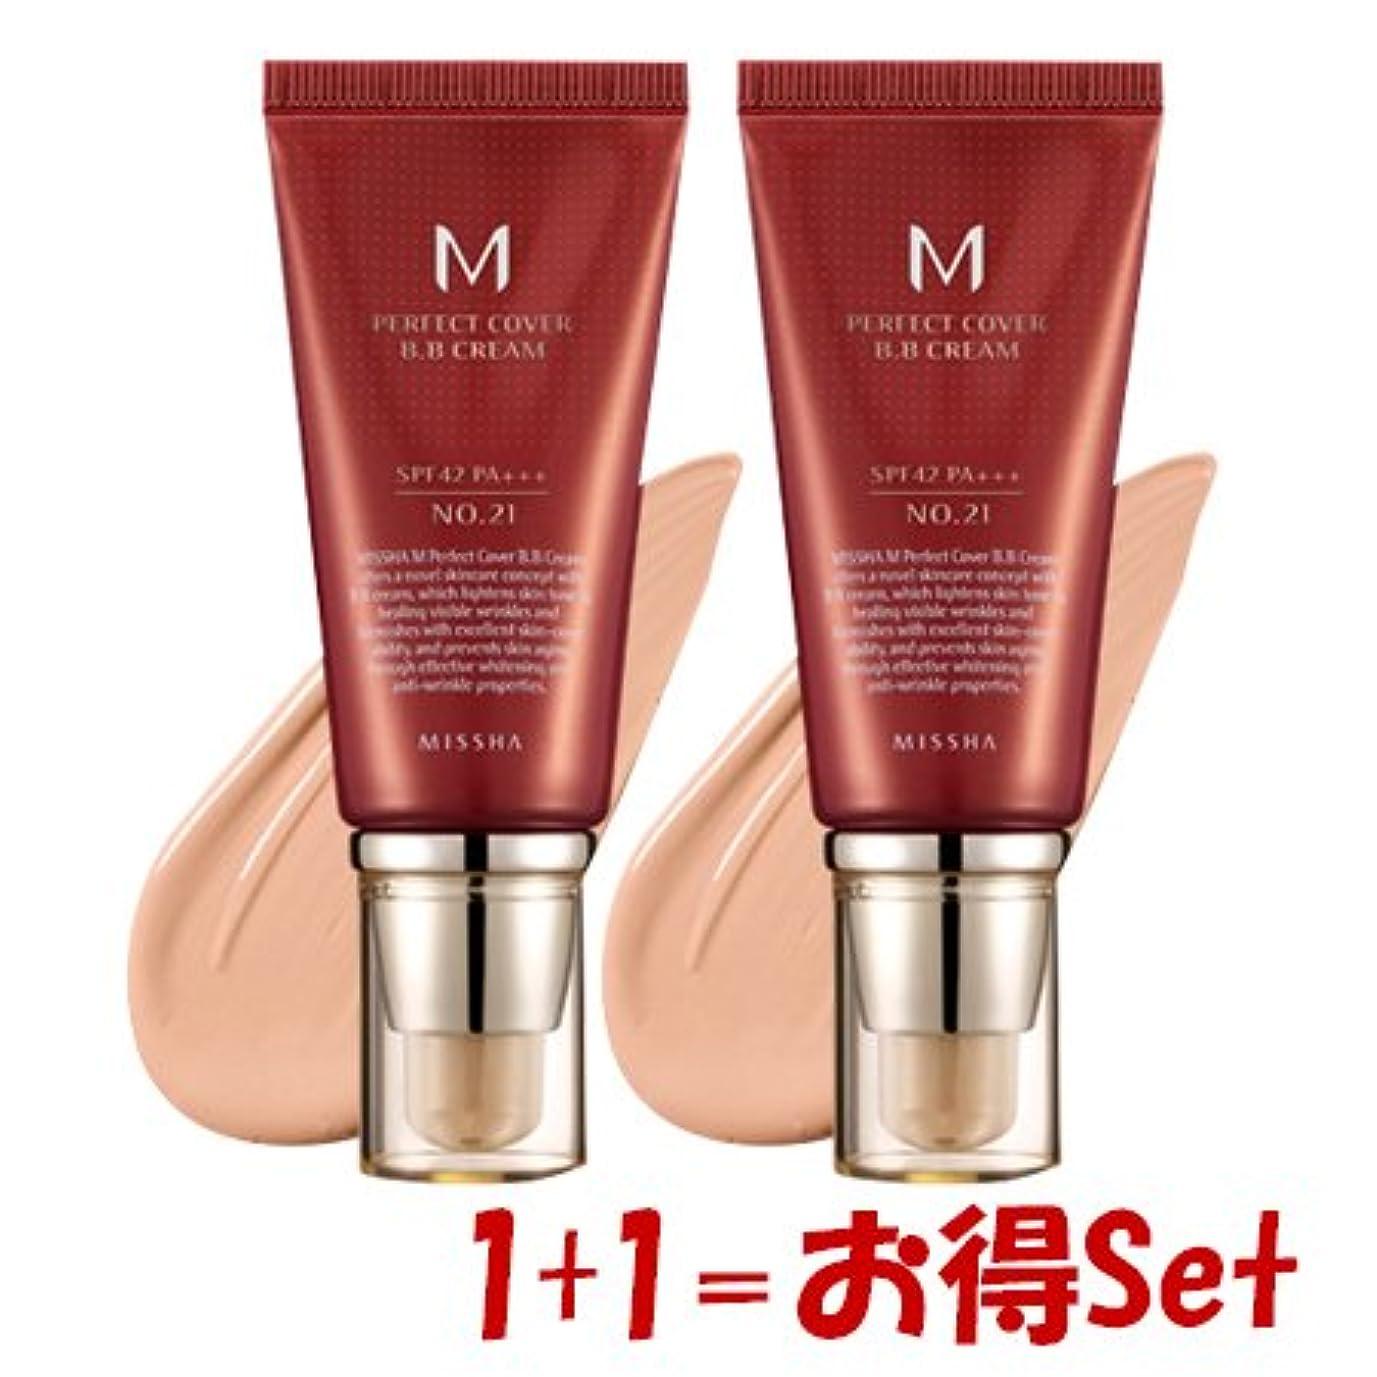 埋め込むユーザー懐MISSHA(ミシャ) M Perfect Cover パーフェクトカバーBBクリーム 21号+ 21号(1+1=Set) [並行輸入品]